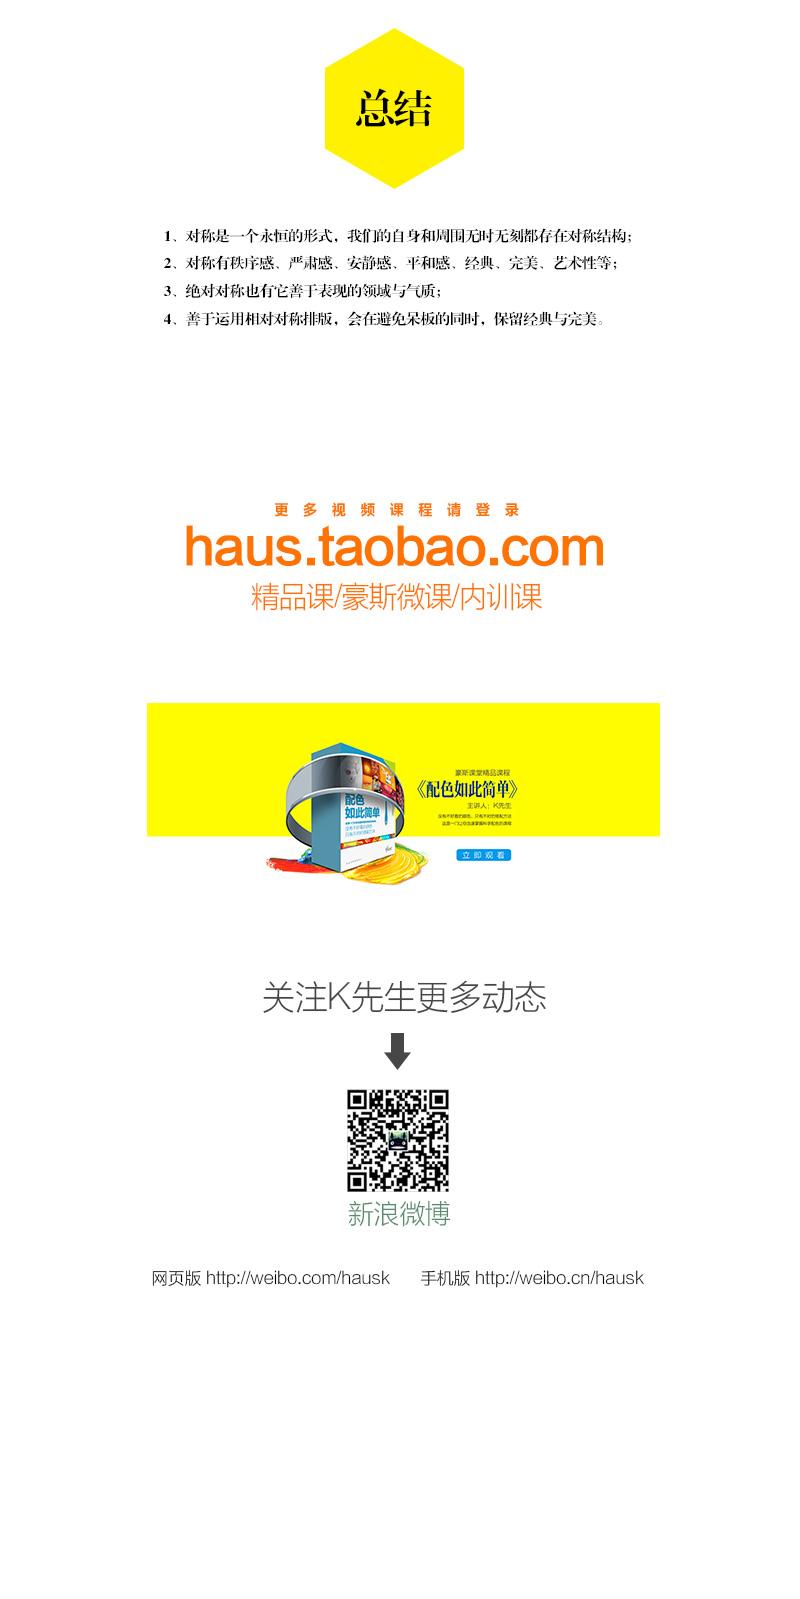 版式设计的相对对称08-莫贝网www.mobileui.cn